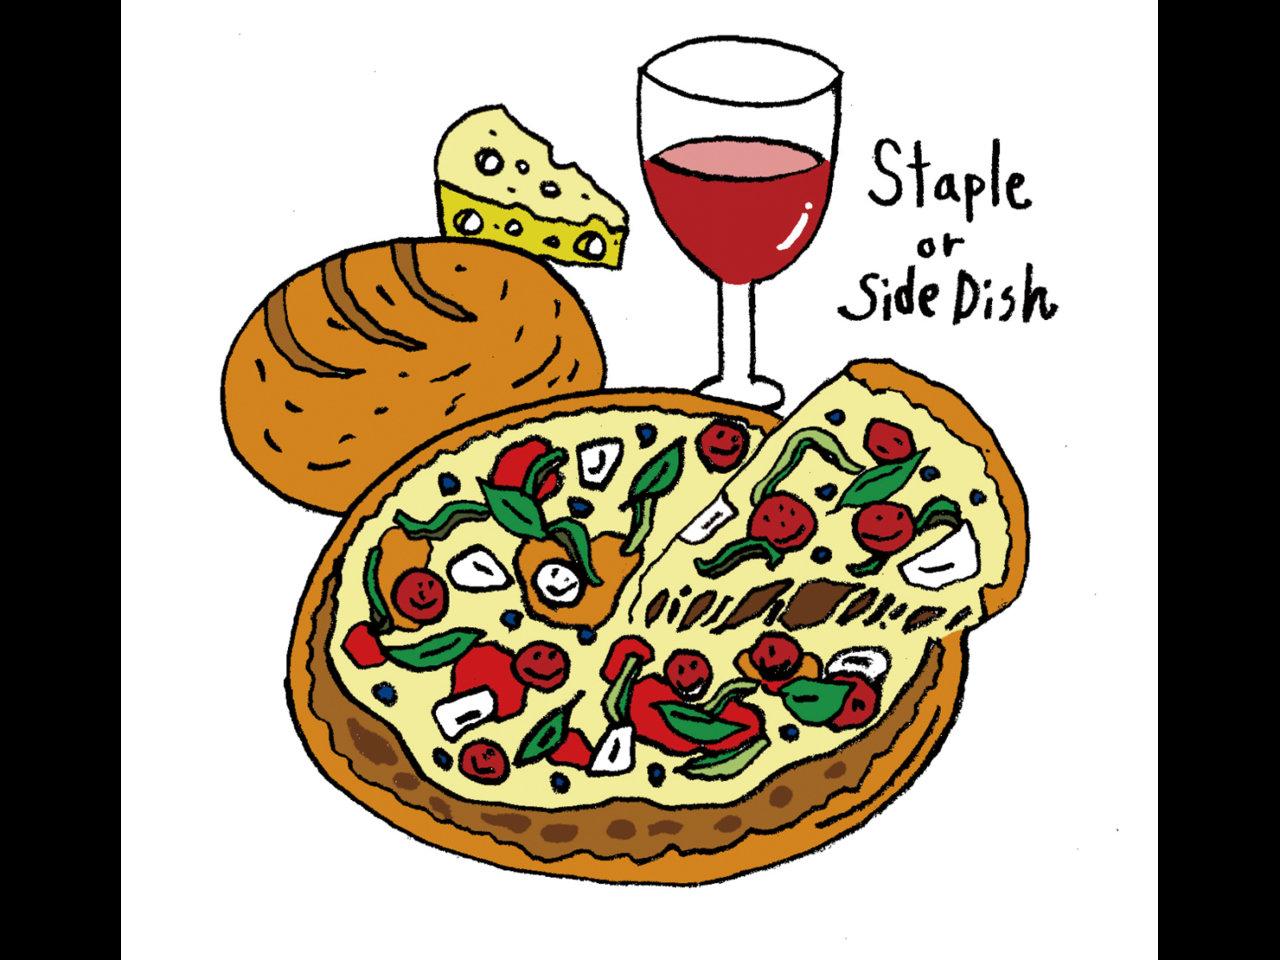 薄焼きか丸型か?食卓におけるパンの役割